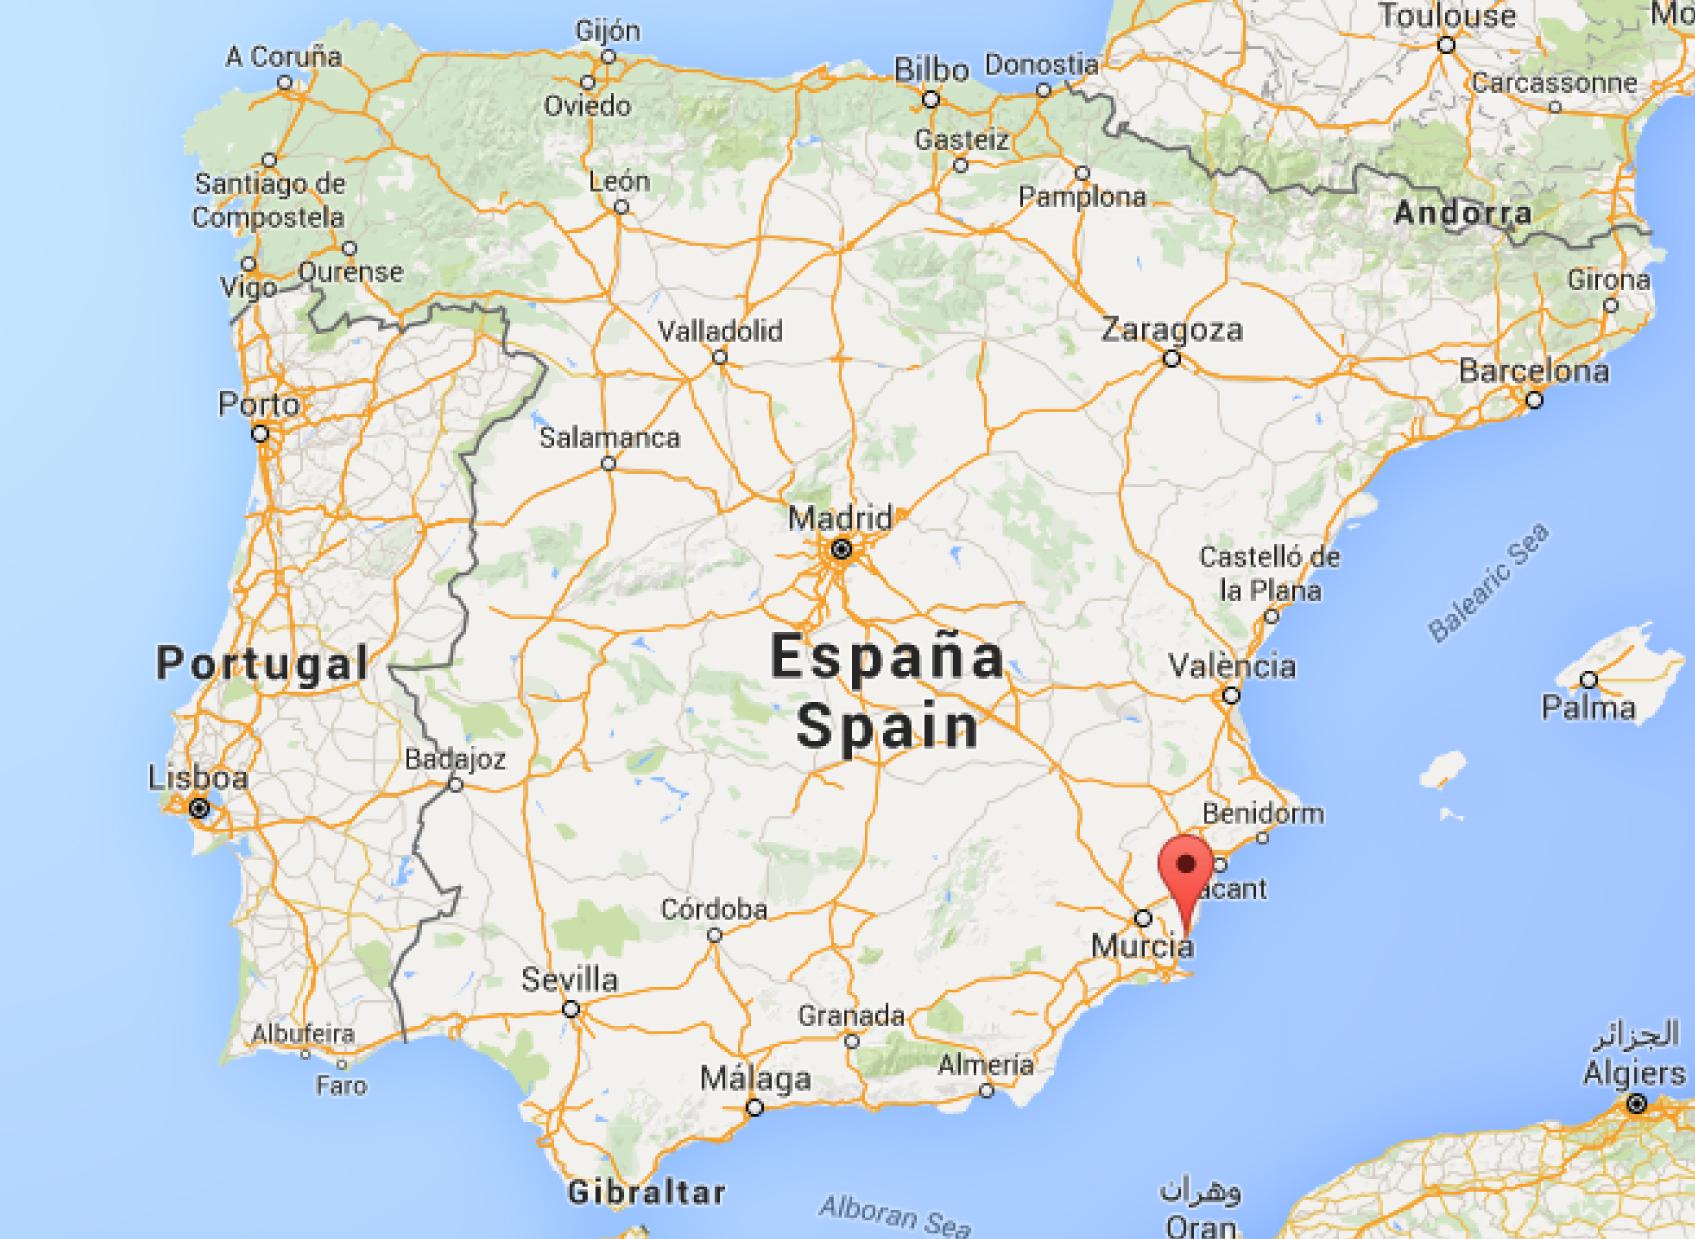 Karta Nordostra Spanien.Spanienlagenhet If Metall